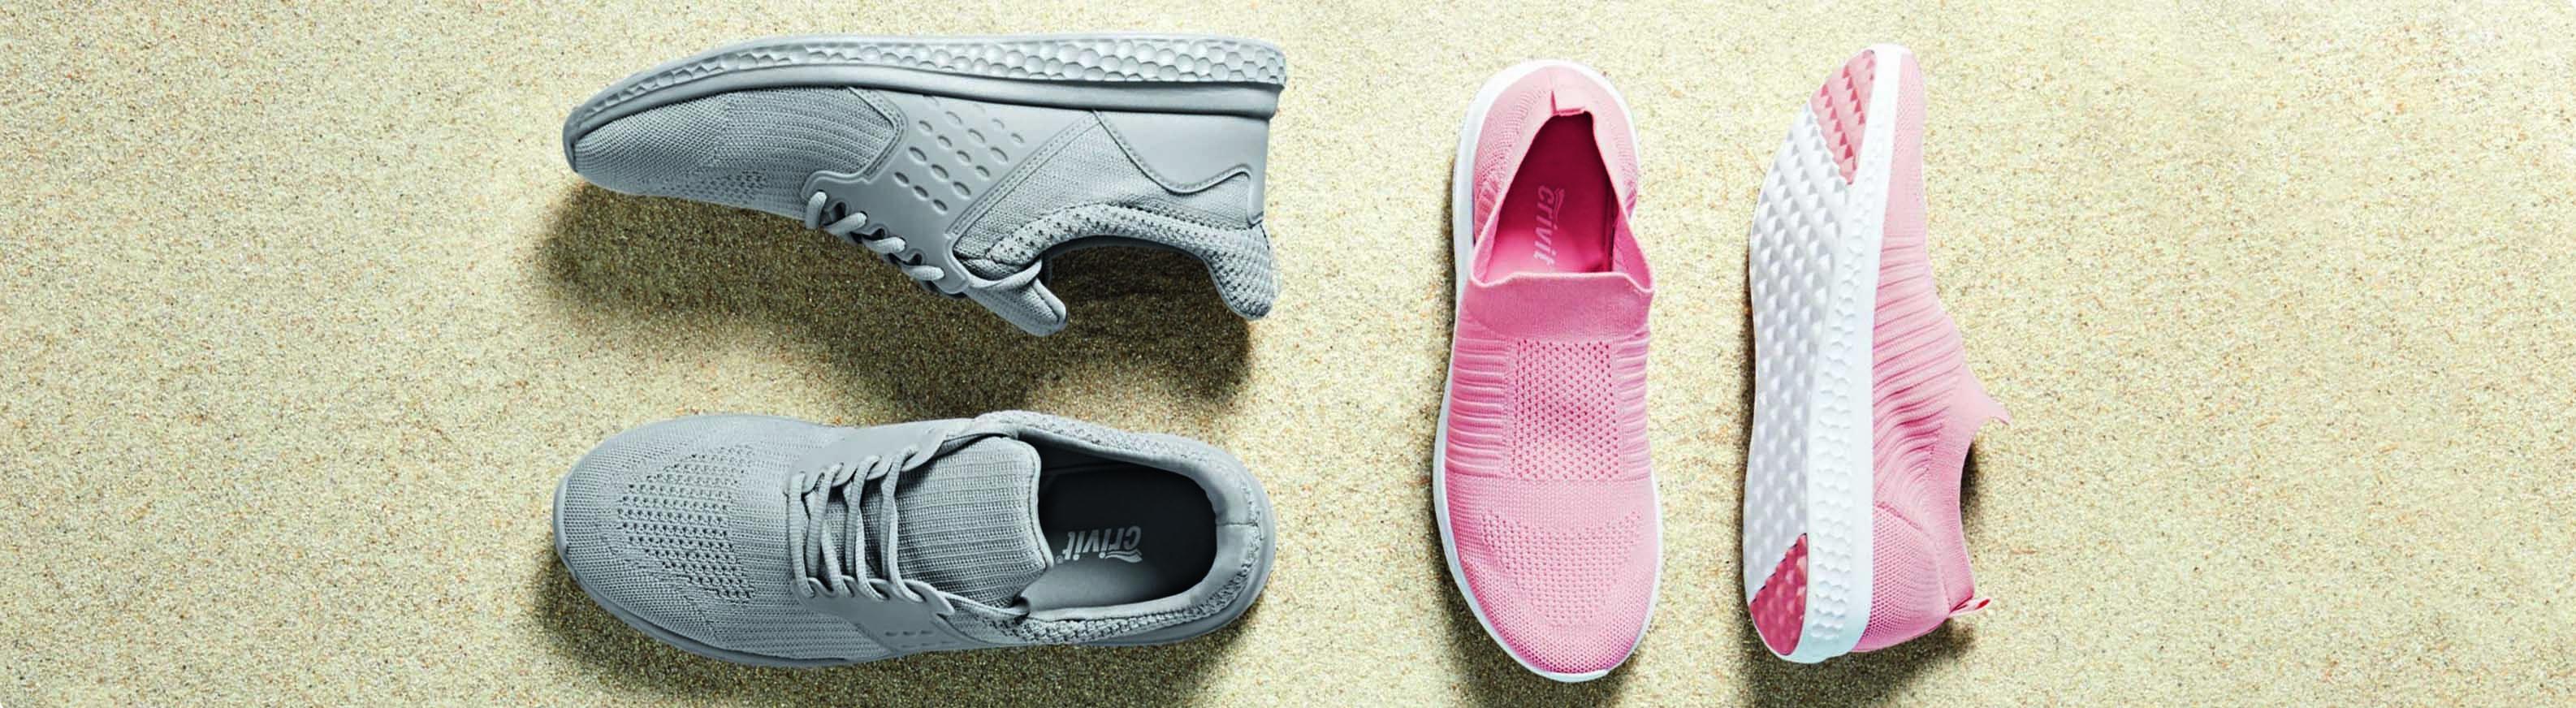 Ein Paar graue und ein Paar rosafarbene Sneaker liegen am Strand.